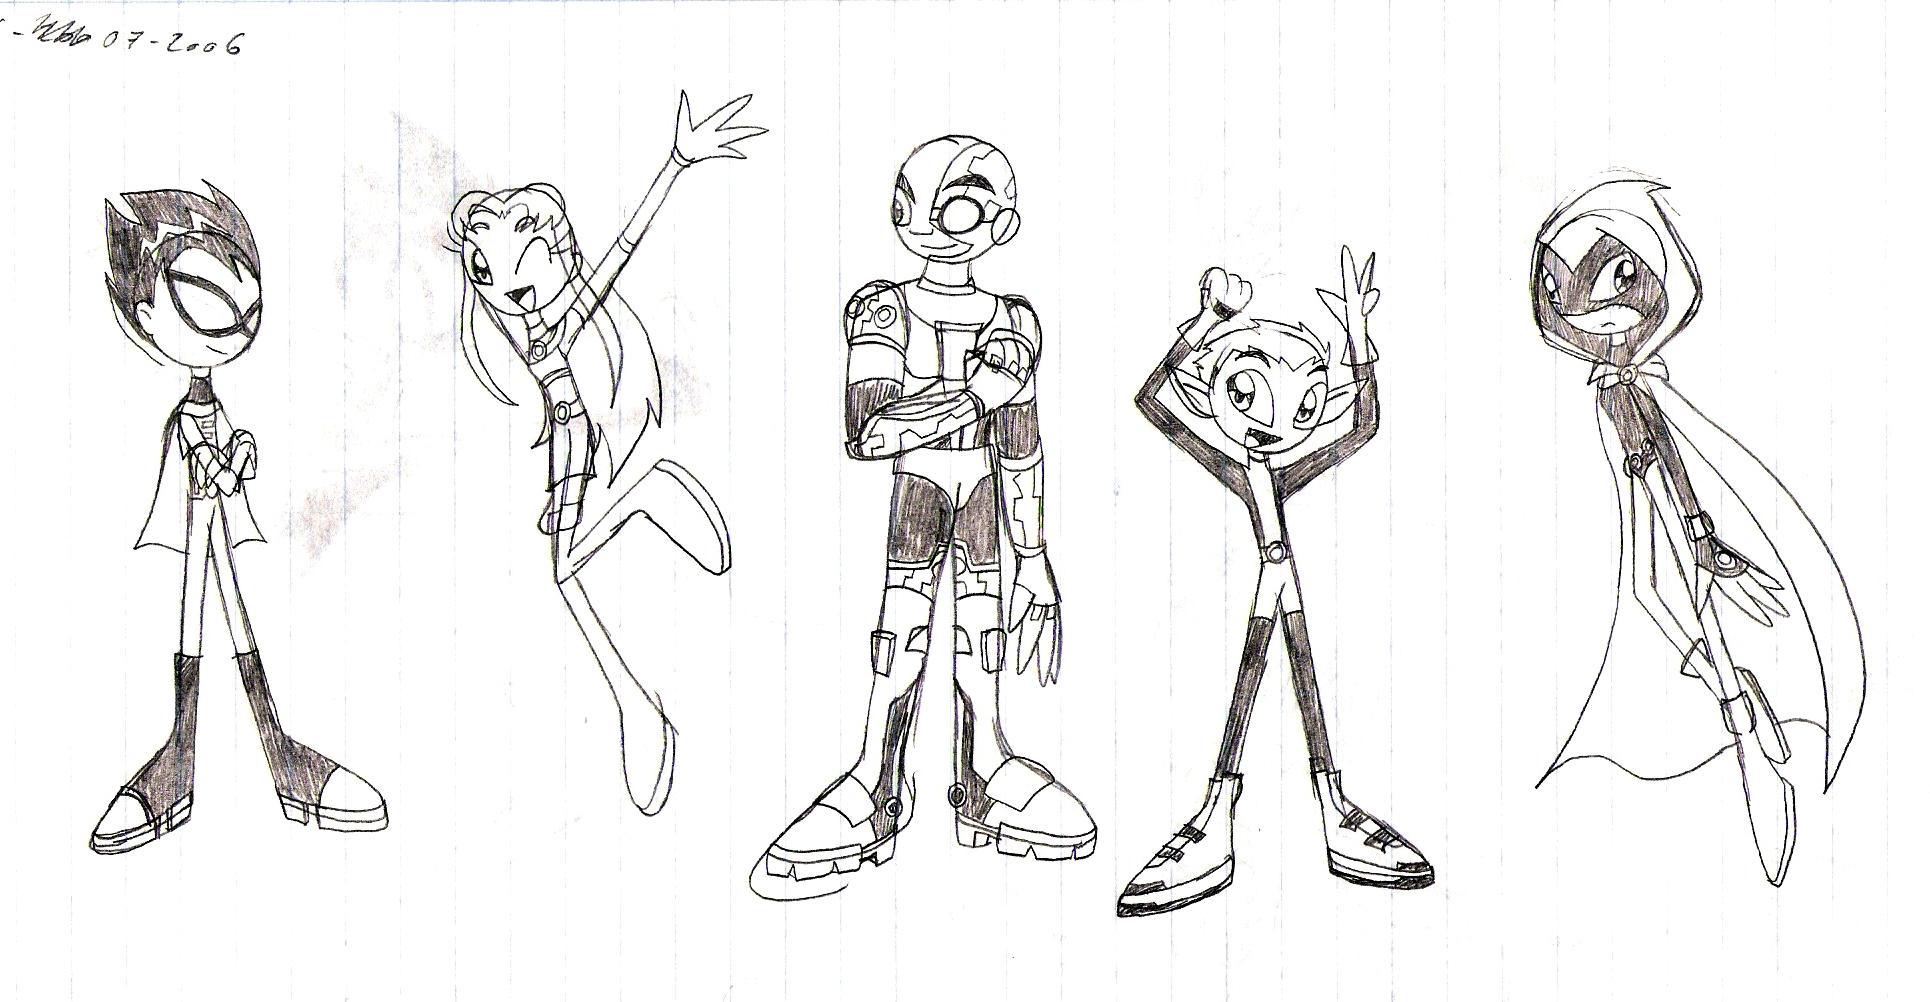 teen titans go sketch by lyravulpictor on deviantart